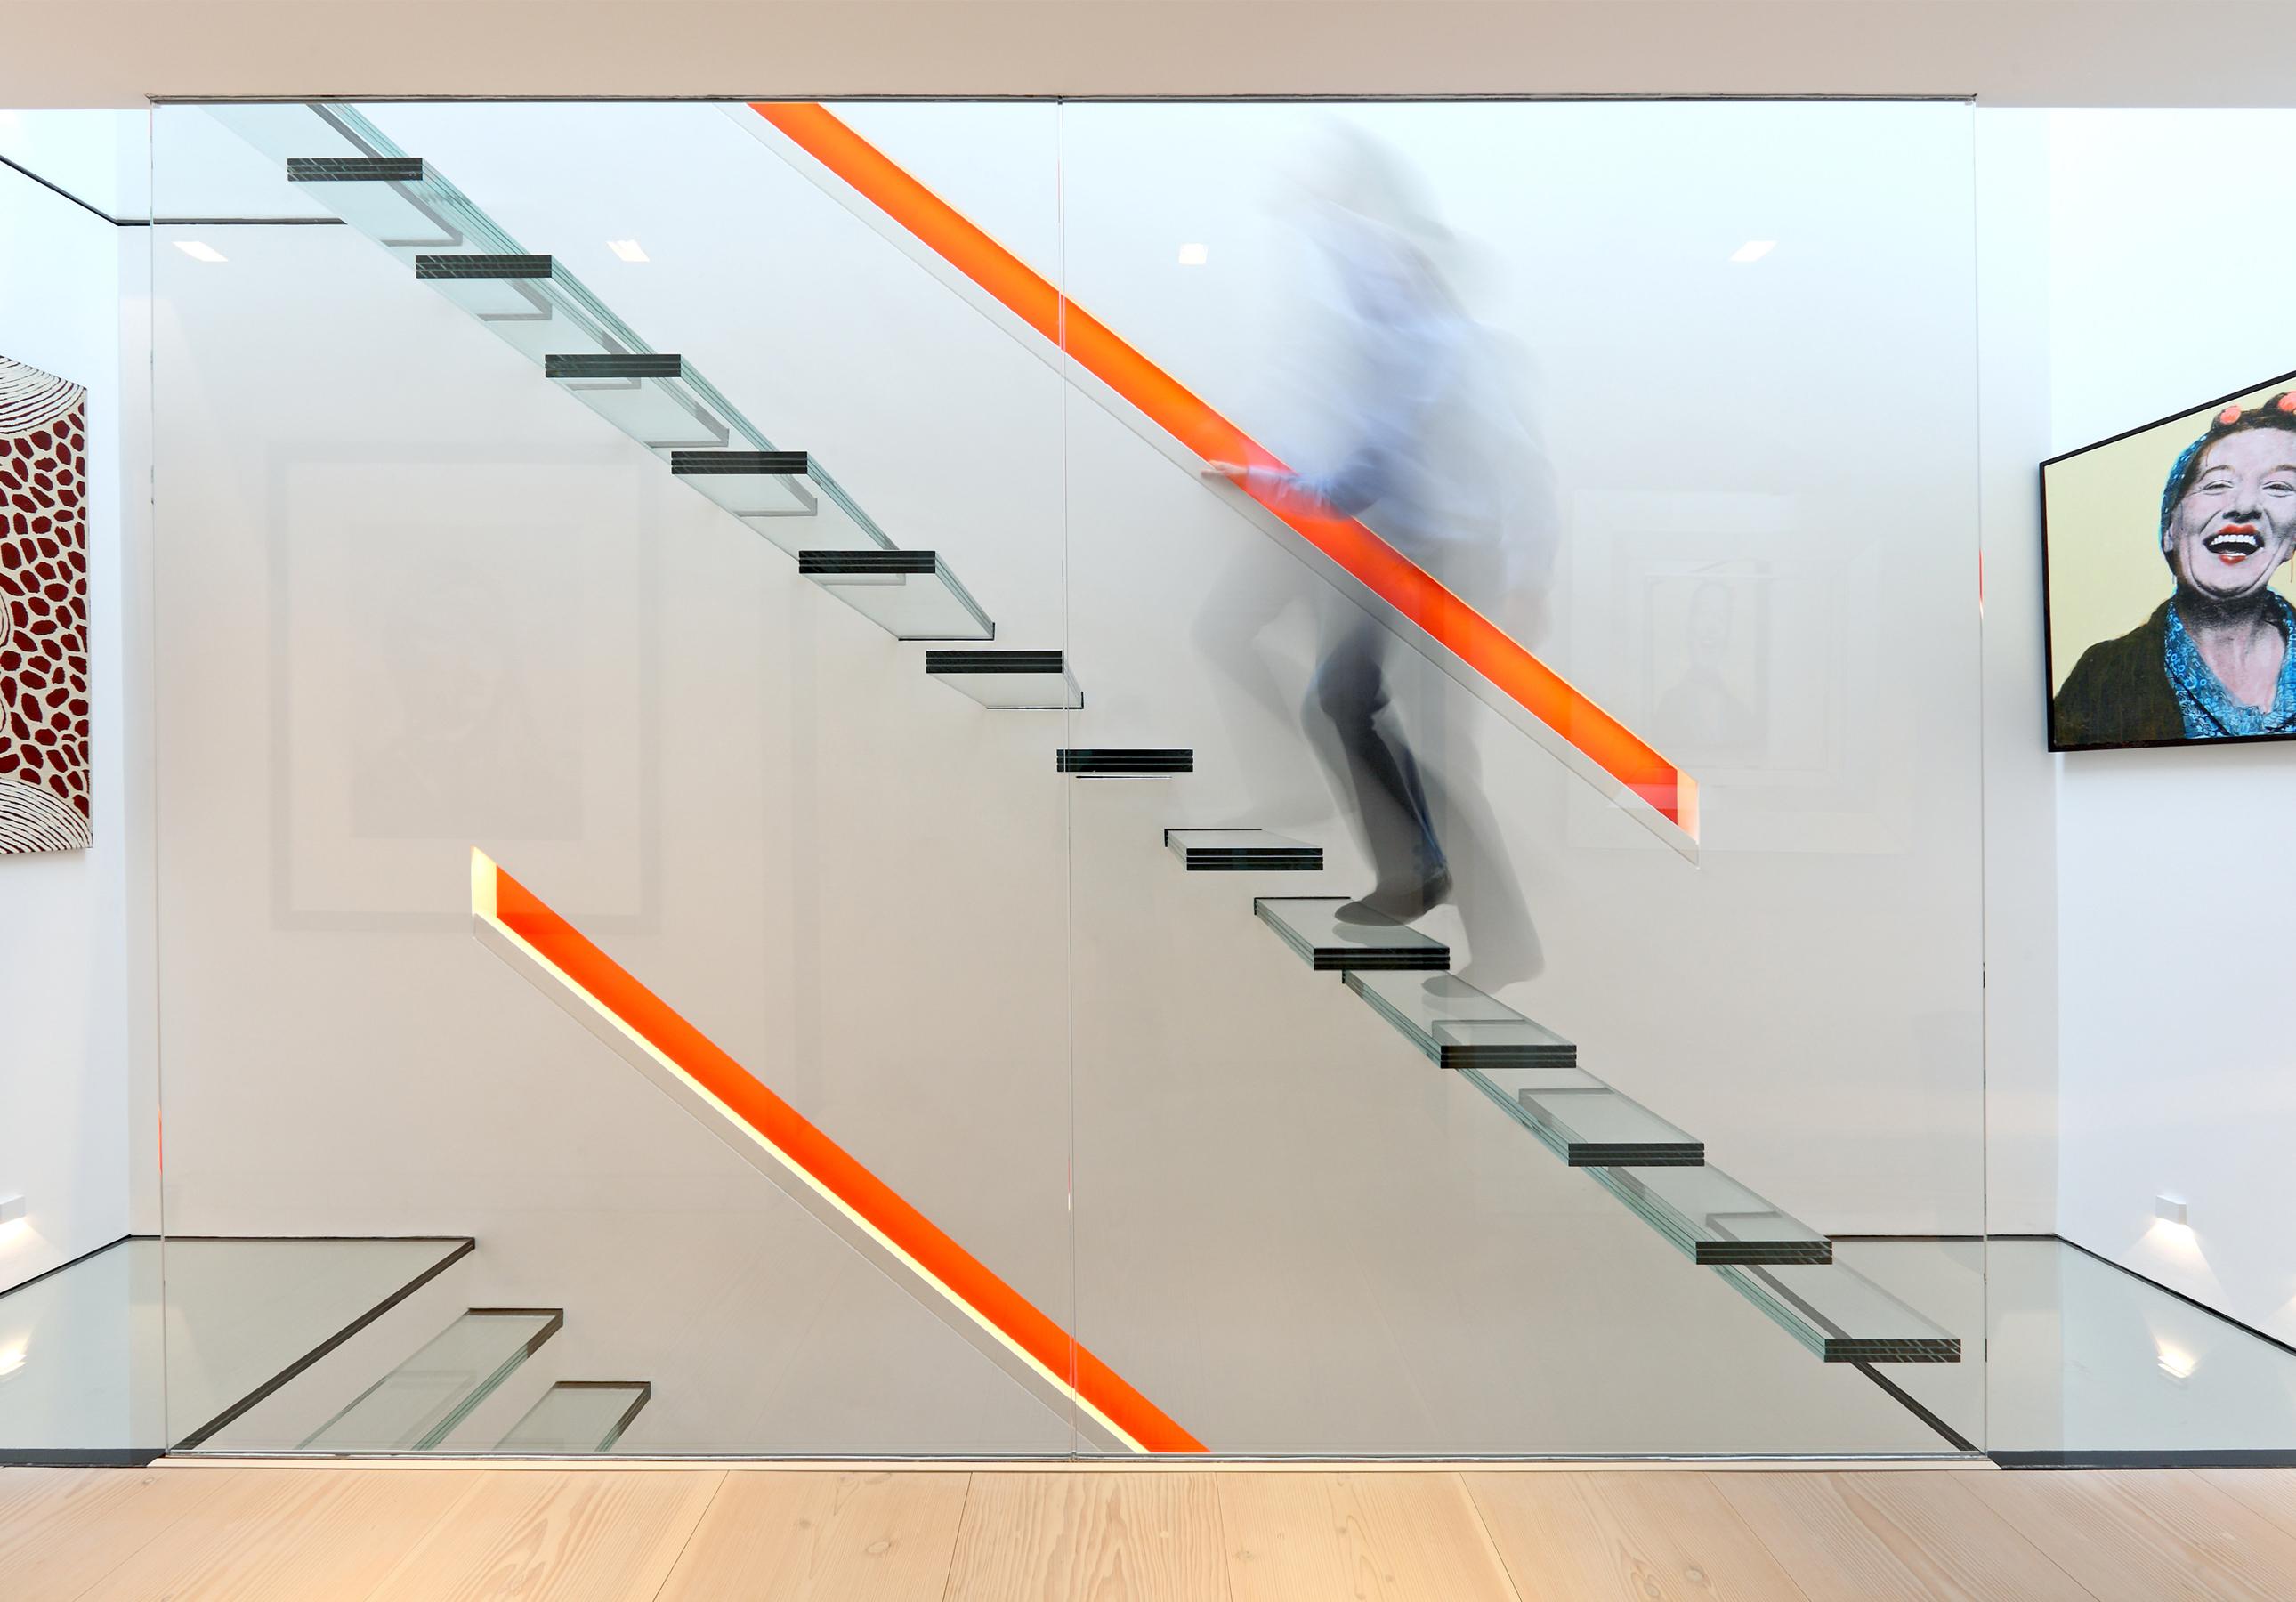 escada-de-vidro-com-piso-de-vidro-em-balanço